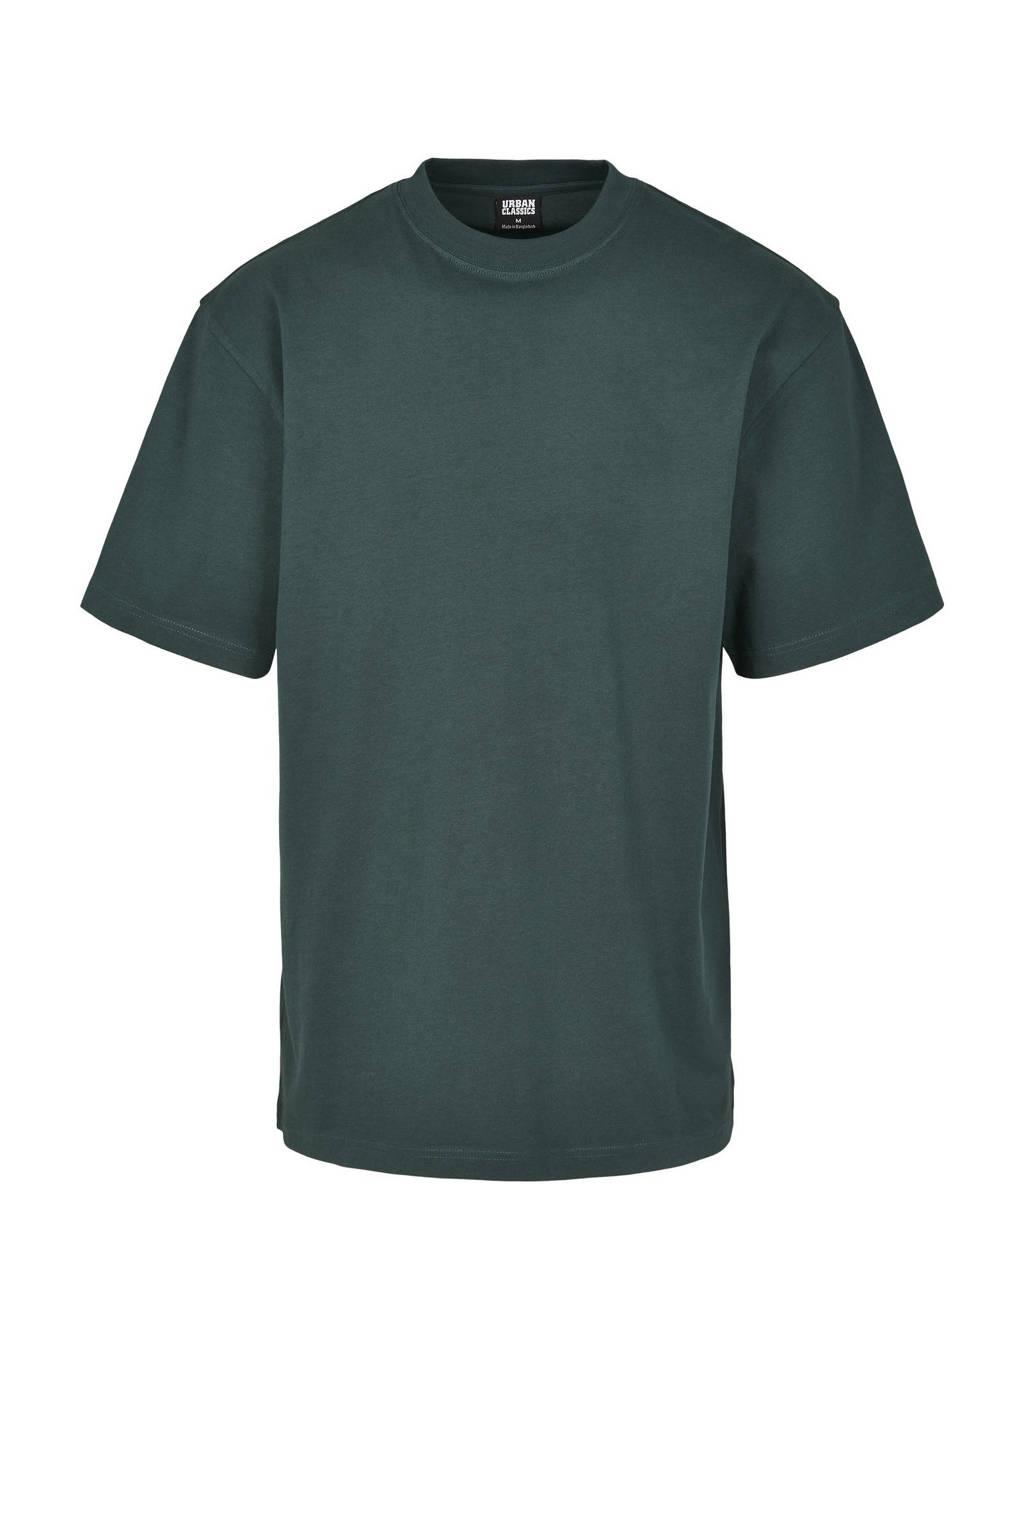 Urban Classics oversized T-shirt donkergroen, Donkergroen